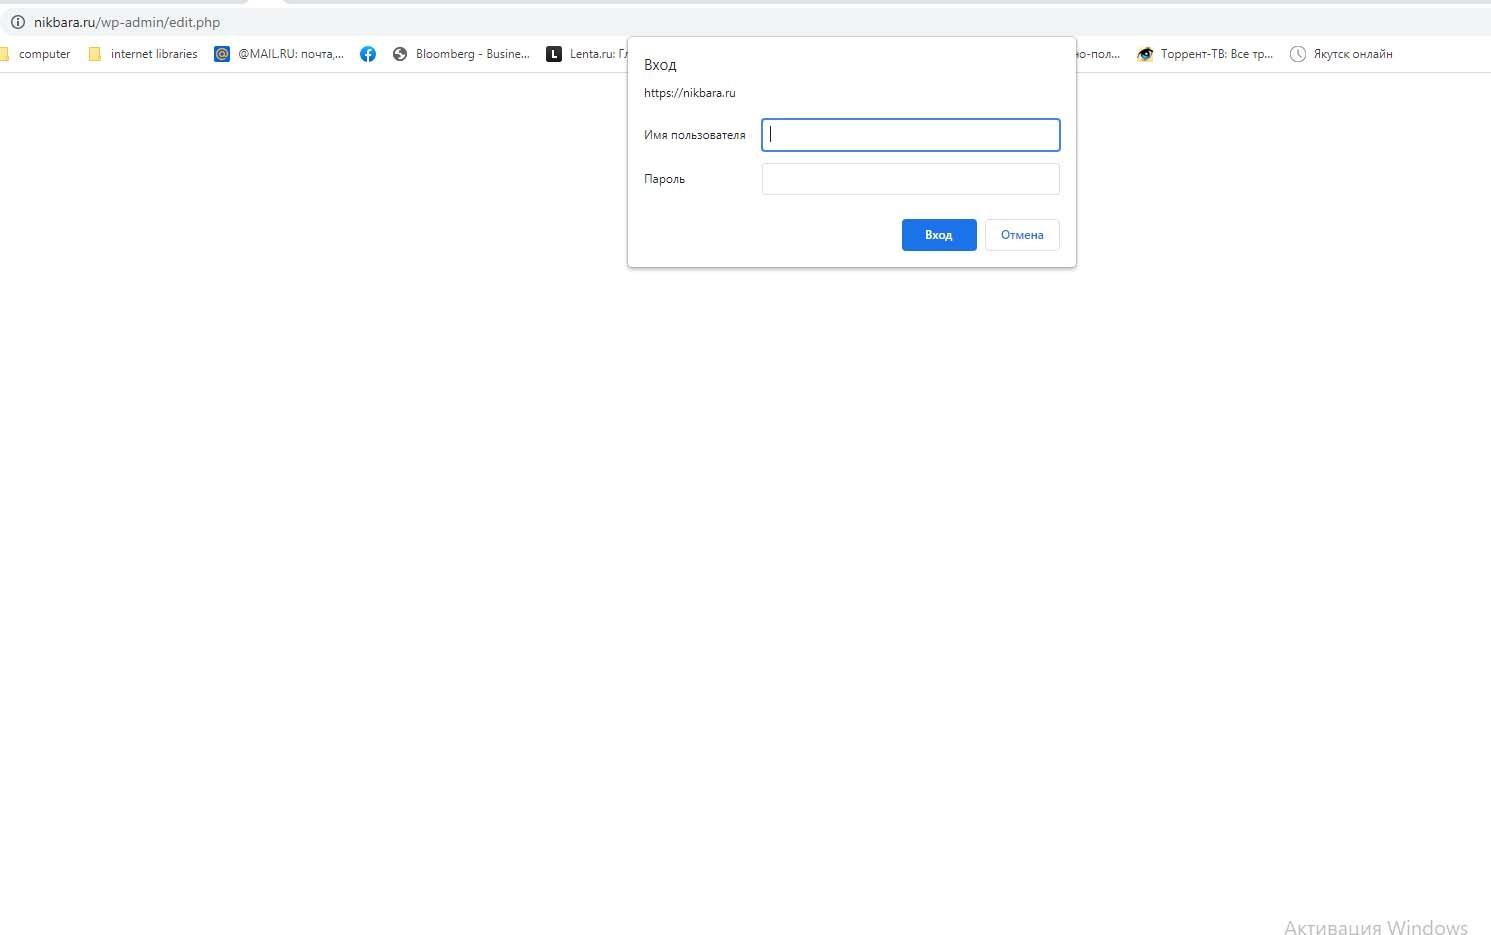 Сайт был заблокирован из-за превышения нагрузки на CPU... Перешел на новый тариф)))